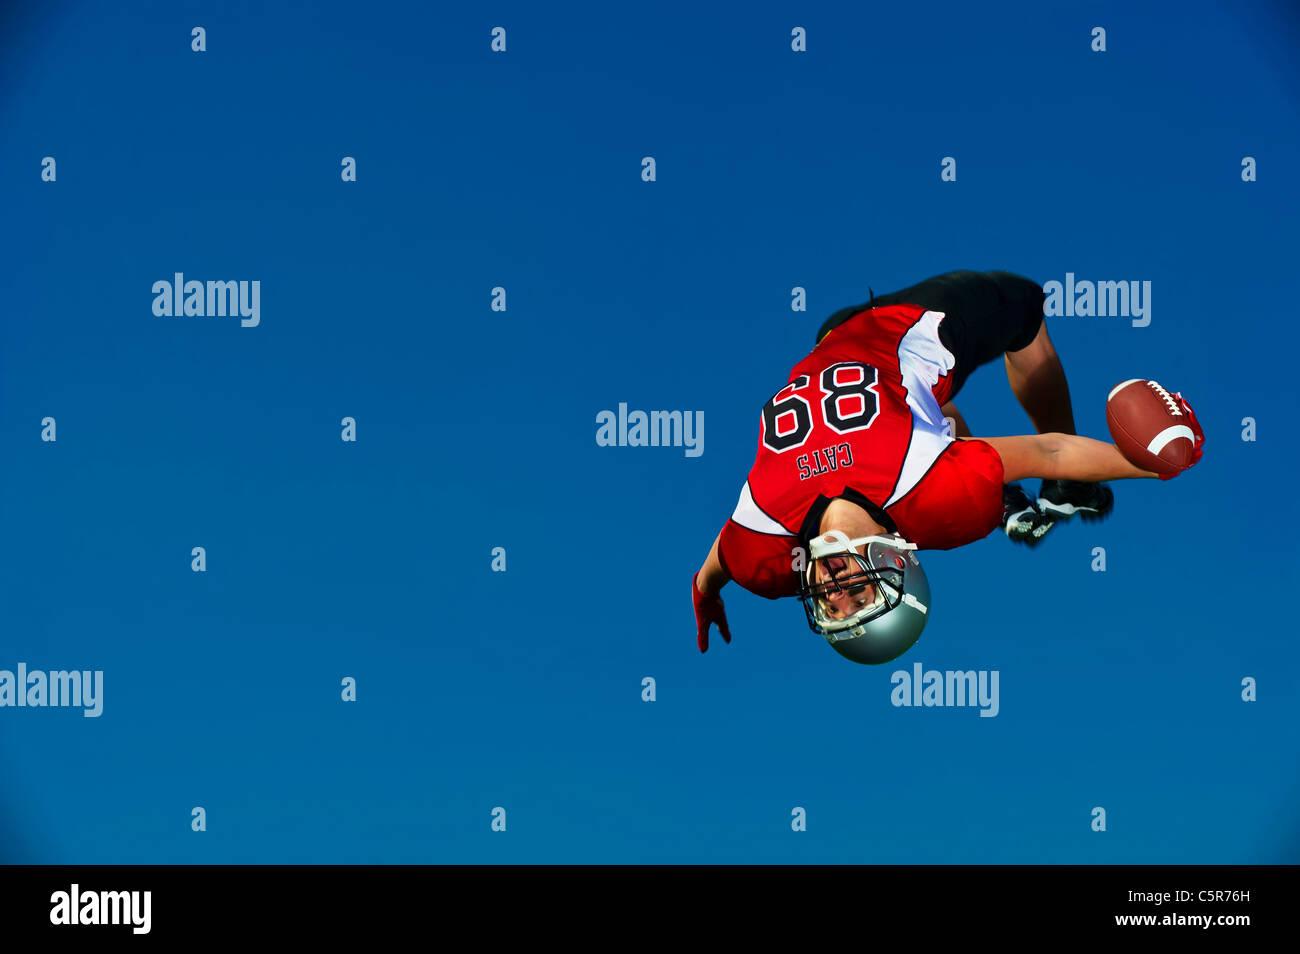 Joueur de football américain célèbre le toucher des roues Photo Stock